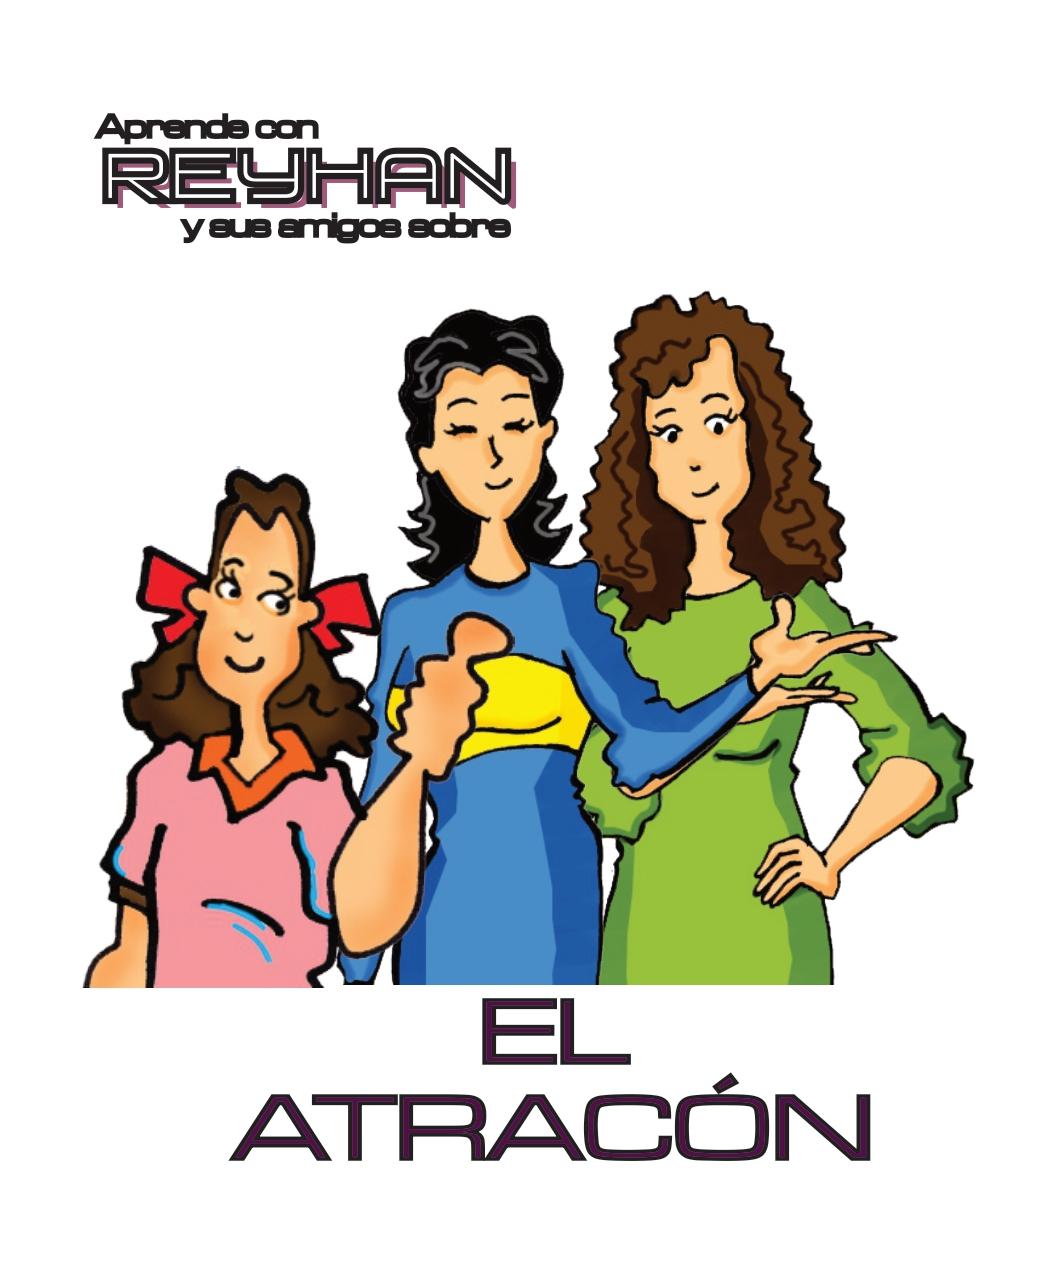 Atracon Reyhan digital_page-0004